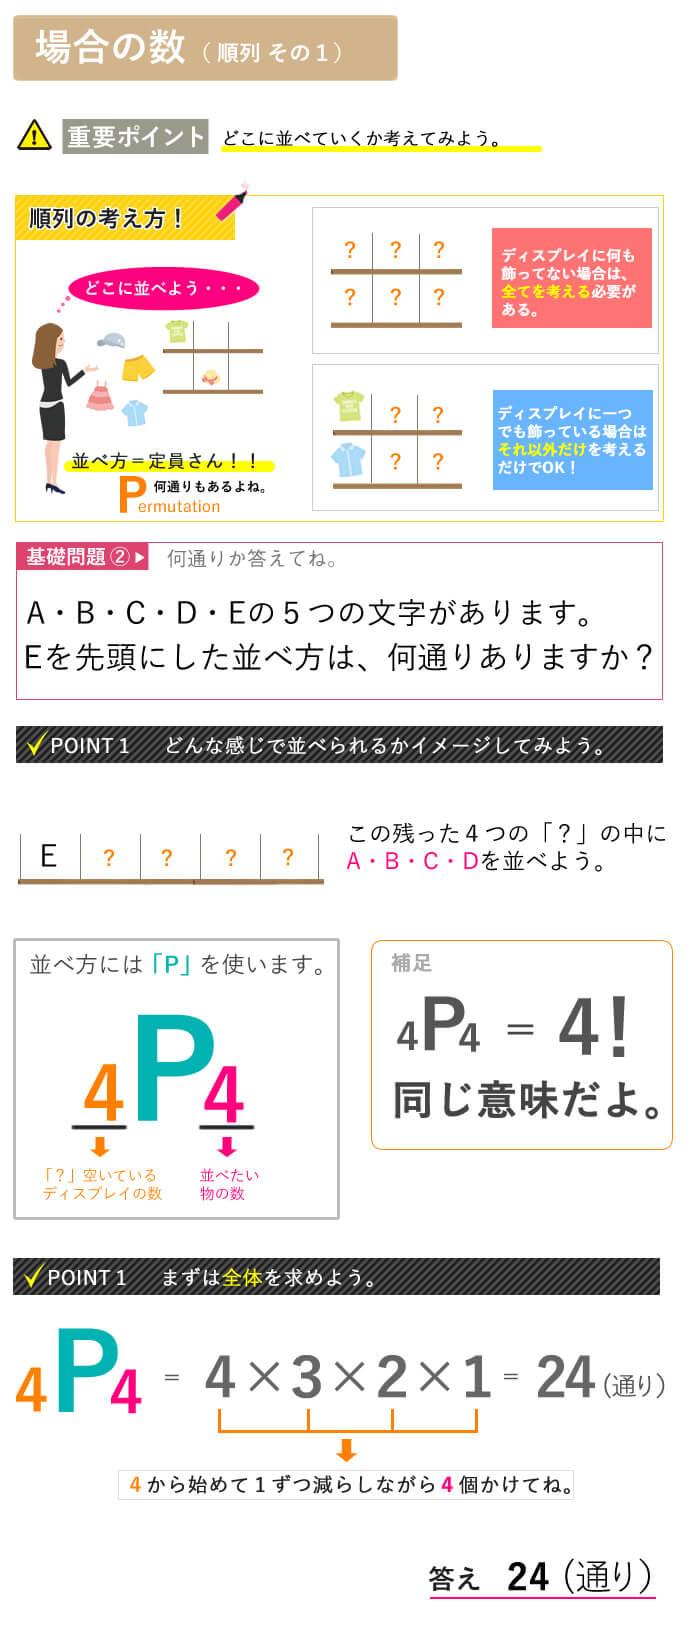 看護予備校大阪KAZアカデミーの場合の数、【順列の説明その1】画像